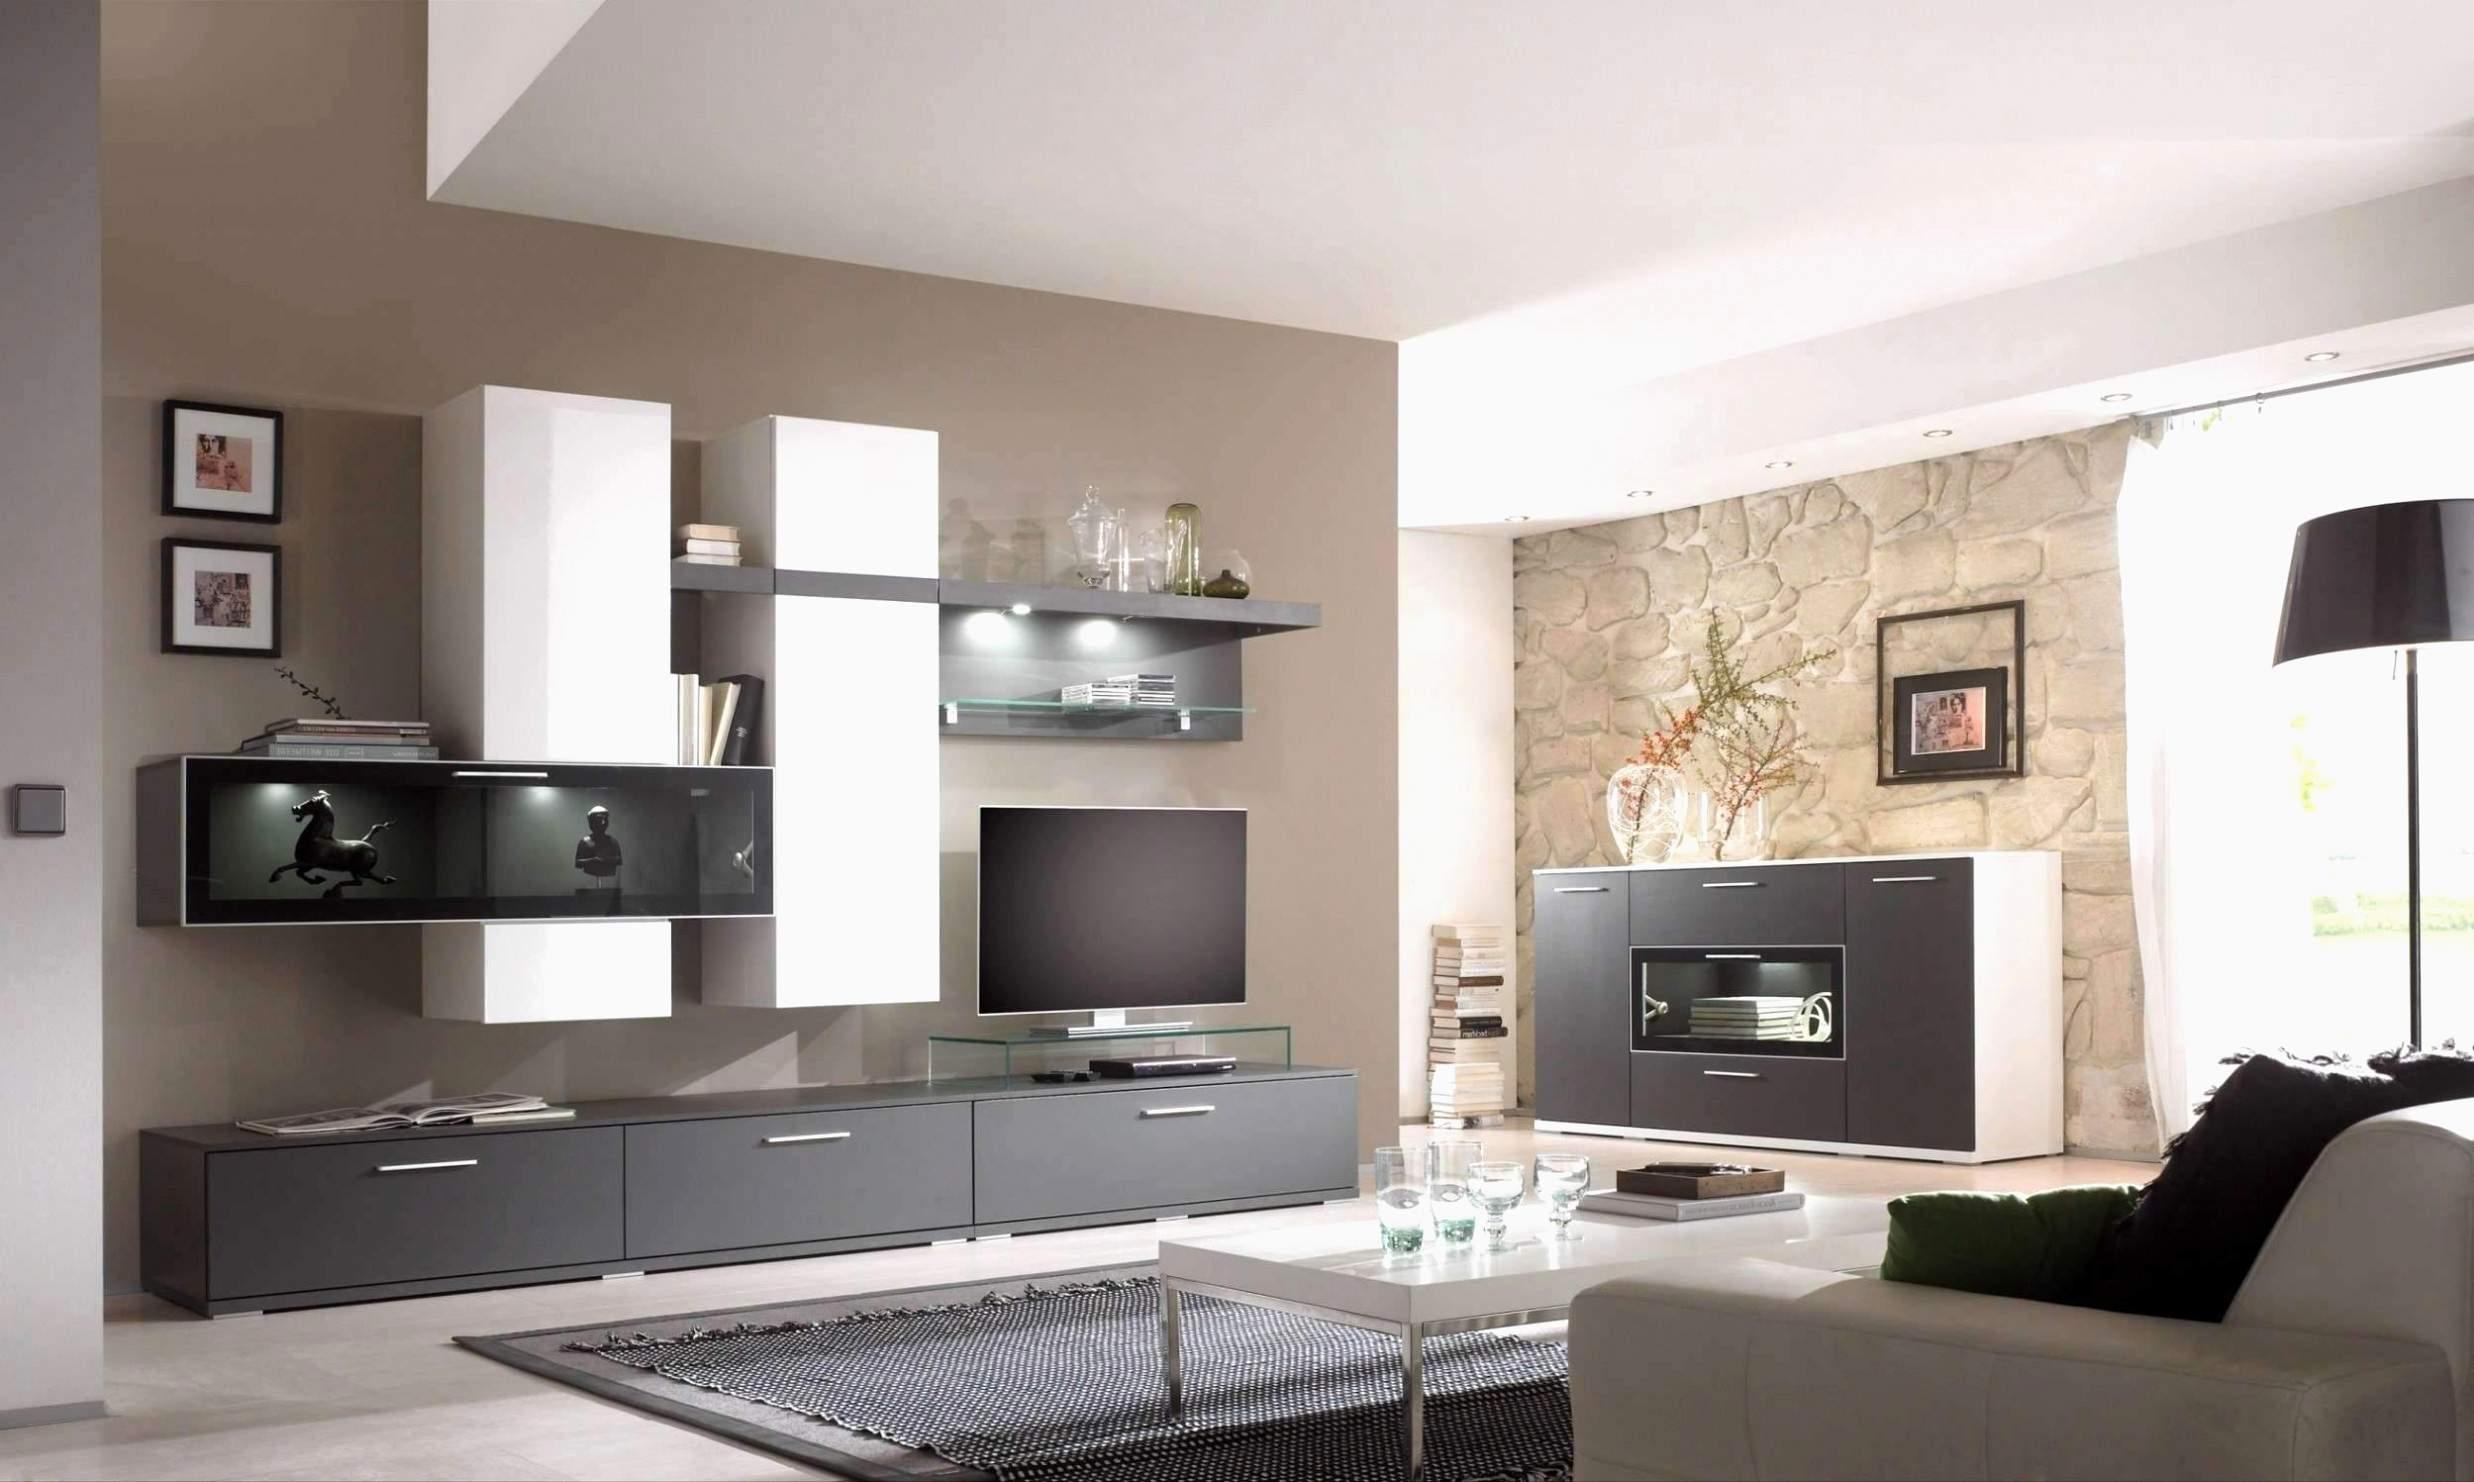 wohnzimmer dachgeschoss frisch wohnideen wohnzimmer bilder modern und luxus kamin modern 0d of wohnzimmer dachgeschoss